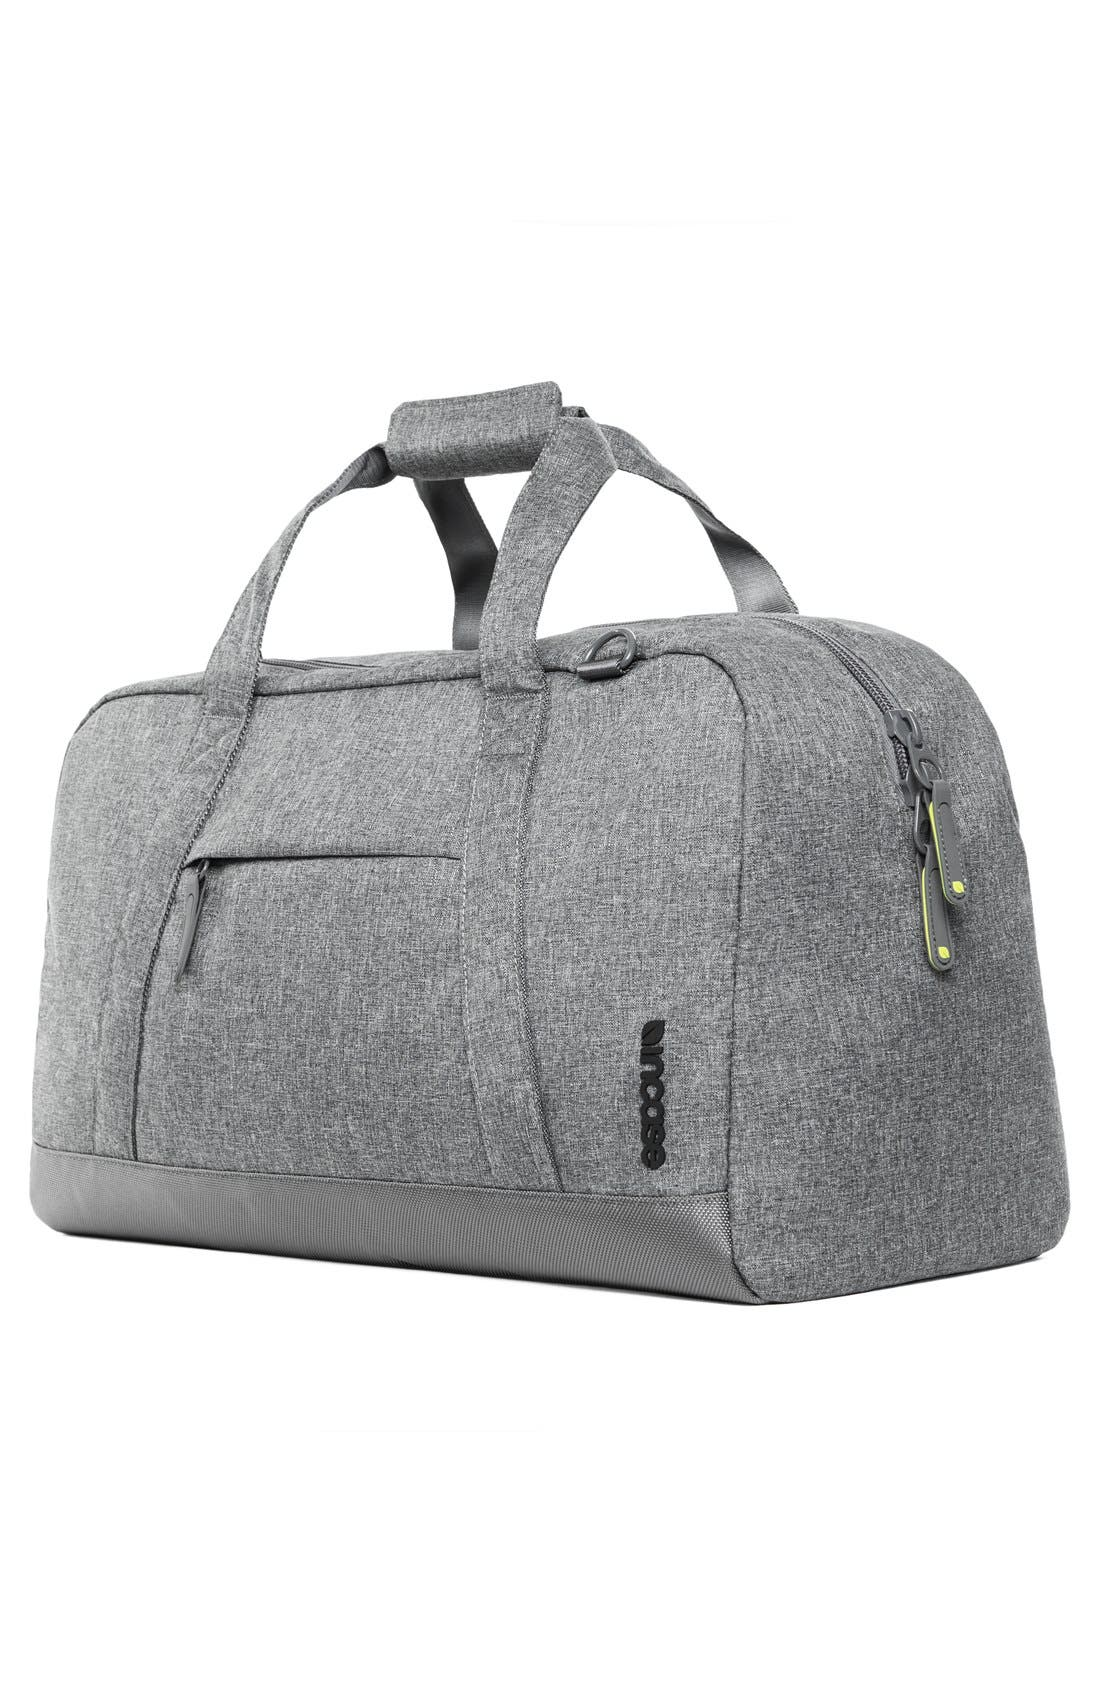 EO Duffel Bag,                             Alternate thumbnail 6, color,